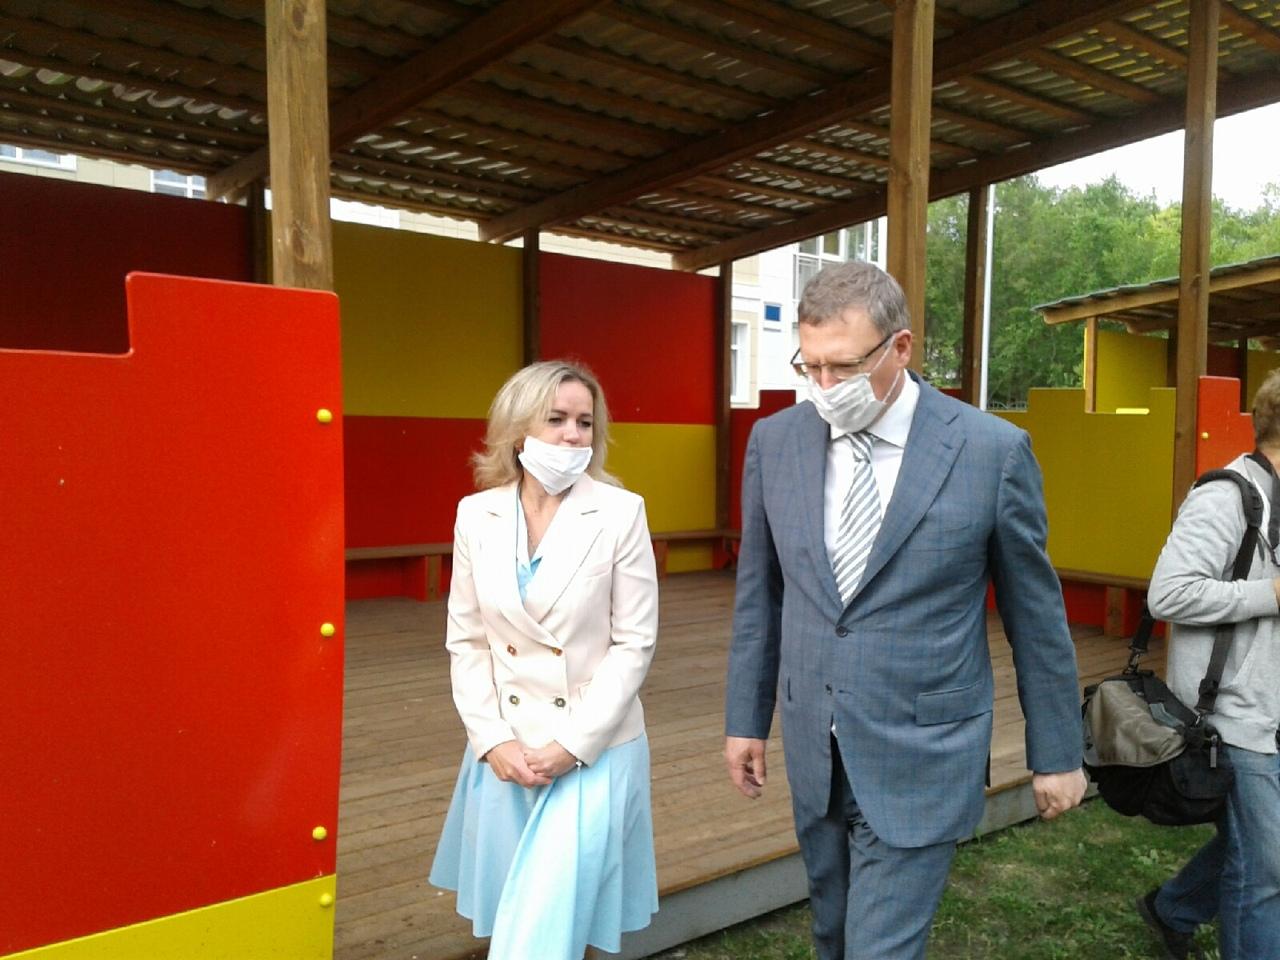 В Омске открыли новый садик: второго такого в городе нет #Новости #Общество #Омск